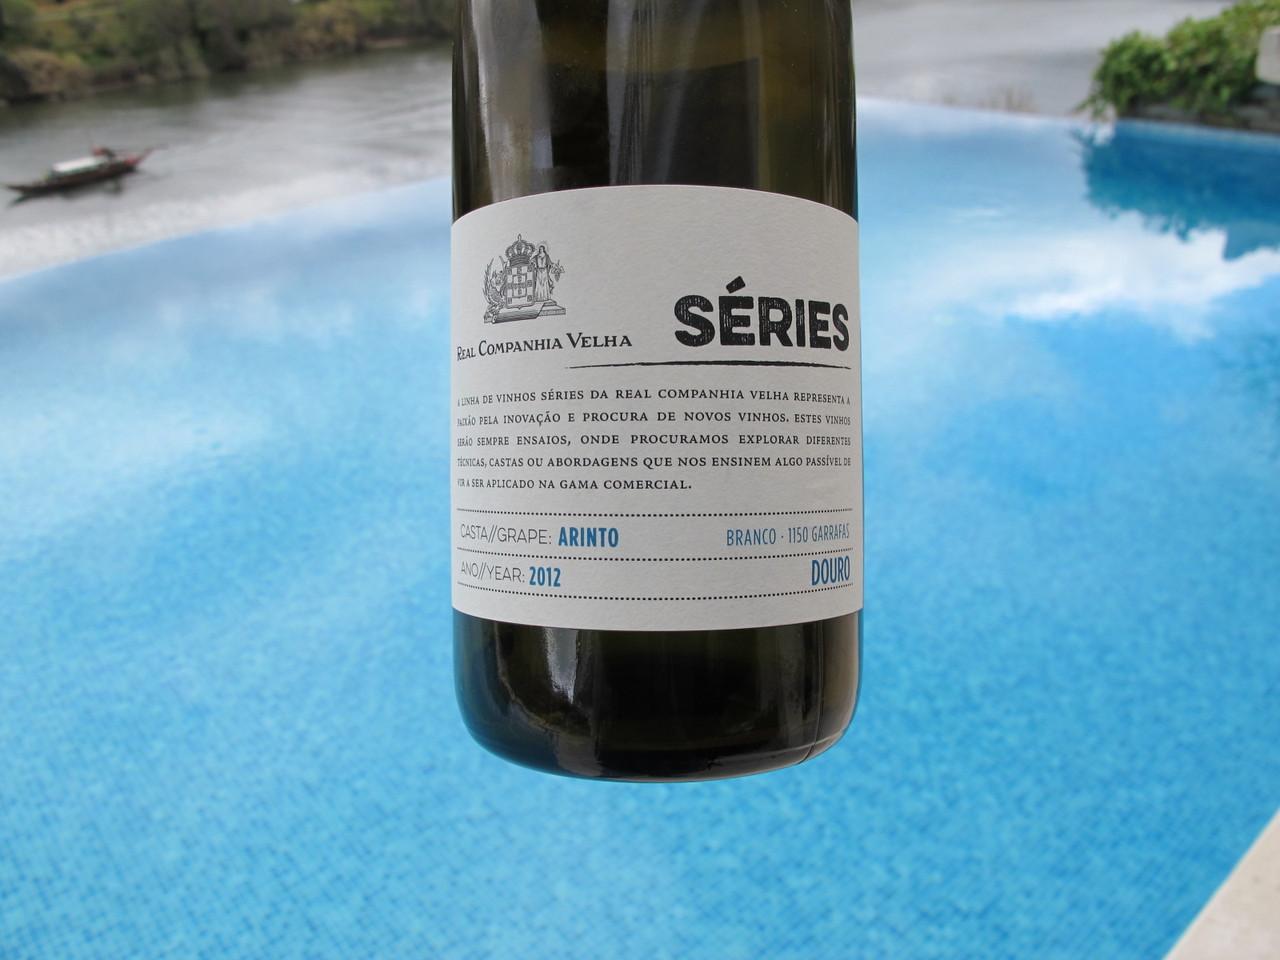 Arinto, uma variedade muito divulgada em Portugal mas rara no Douro como monocasta